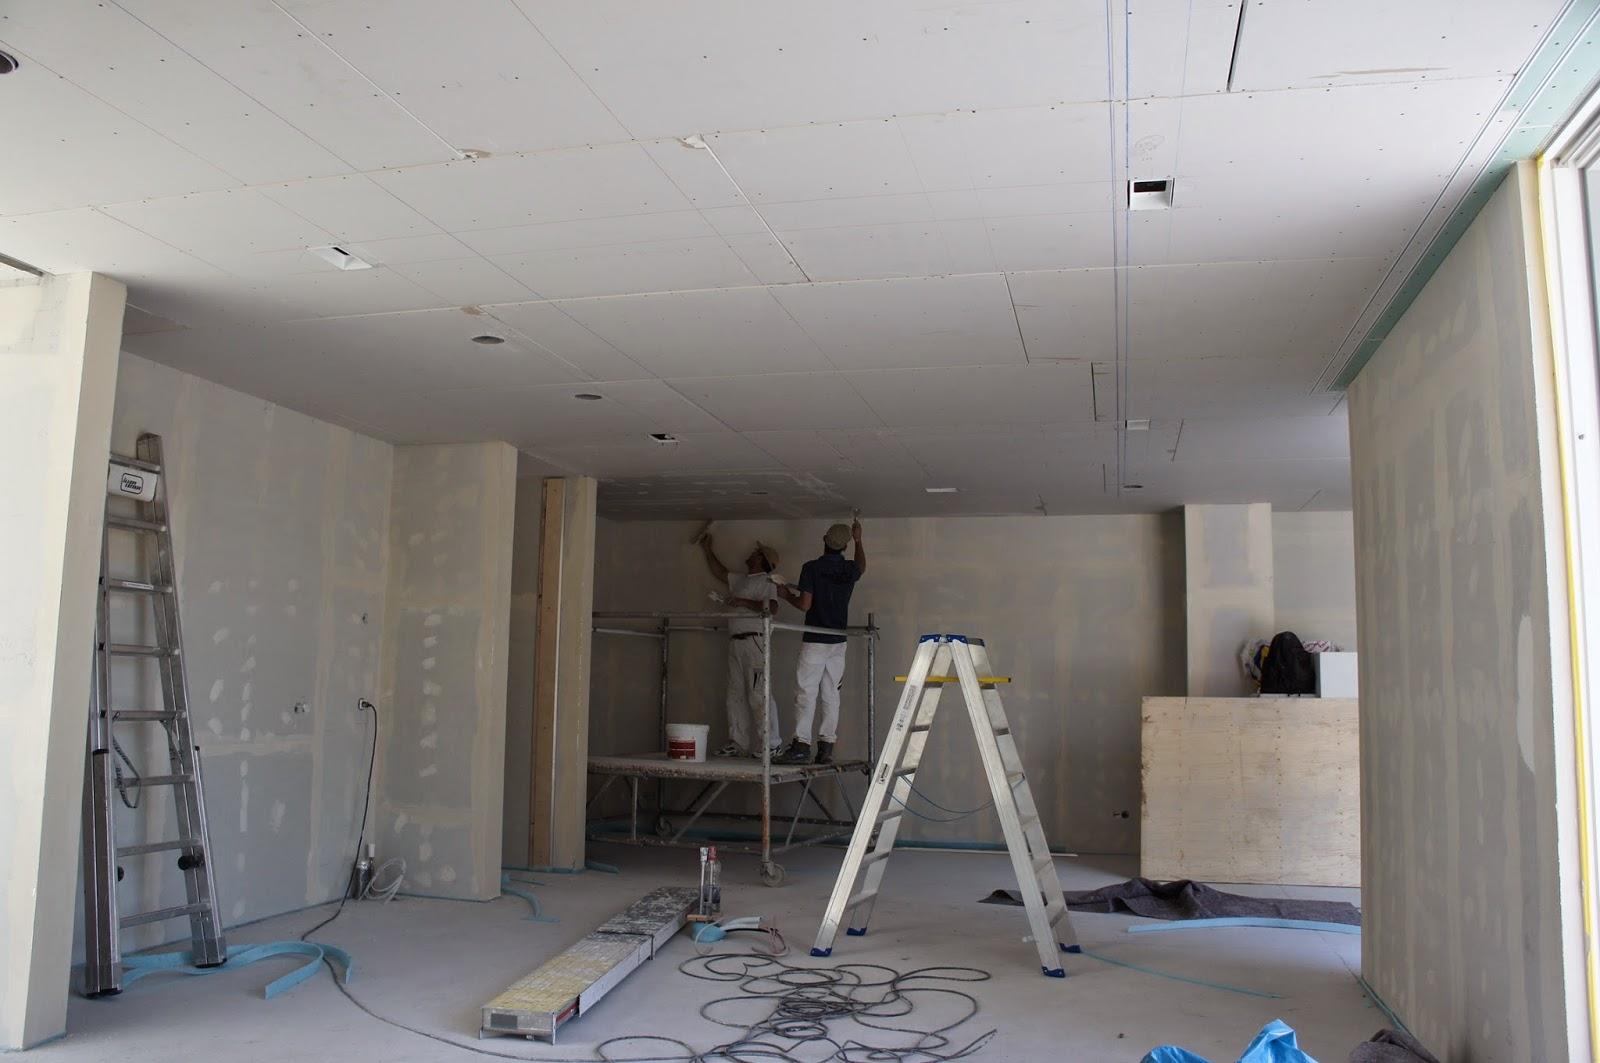 Hausbau Lichtplanung lichtplanung im privat bereich einfamilienhaus lichtplanung